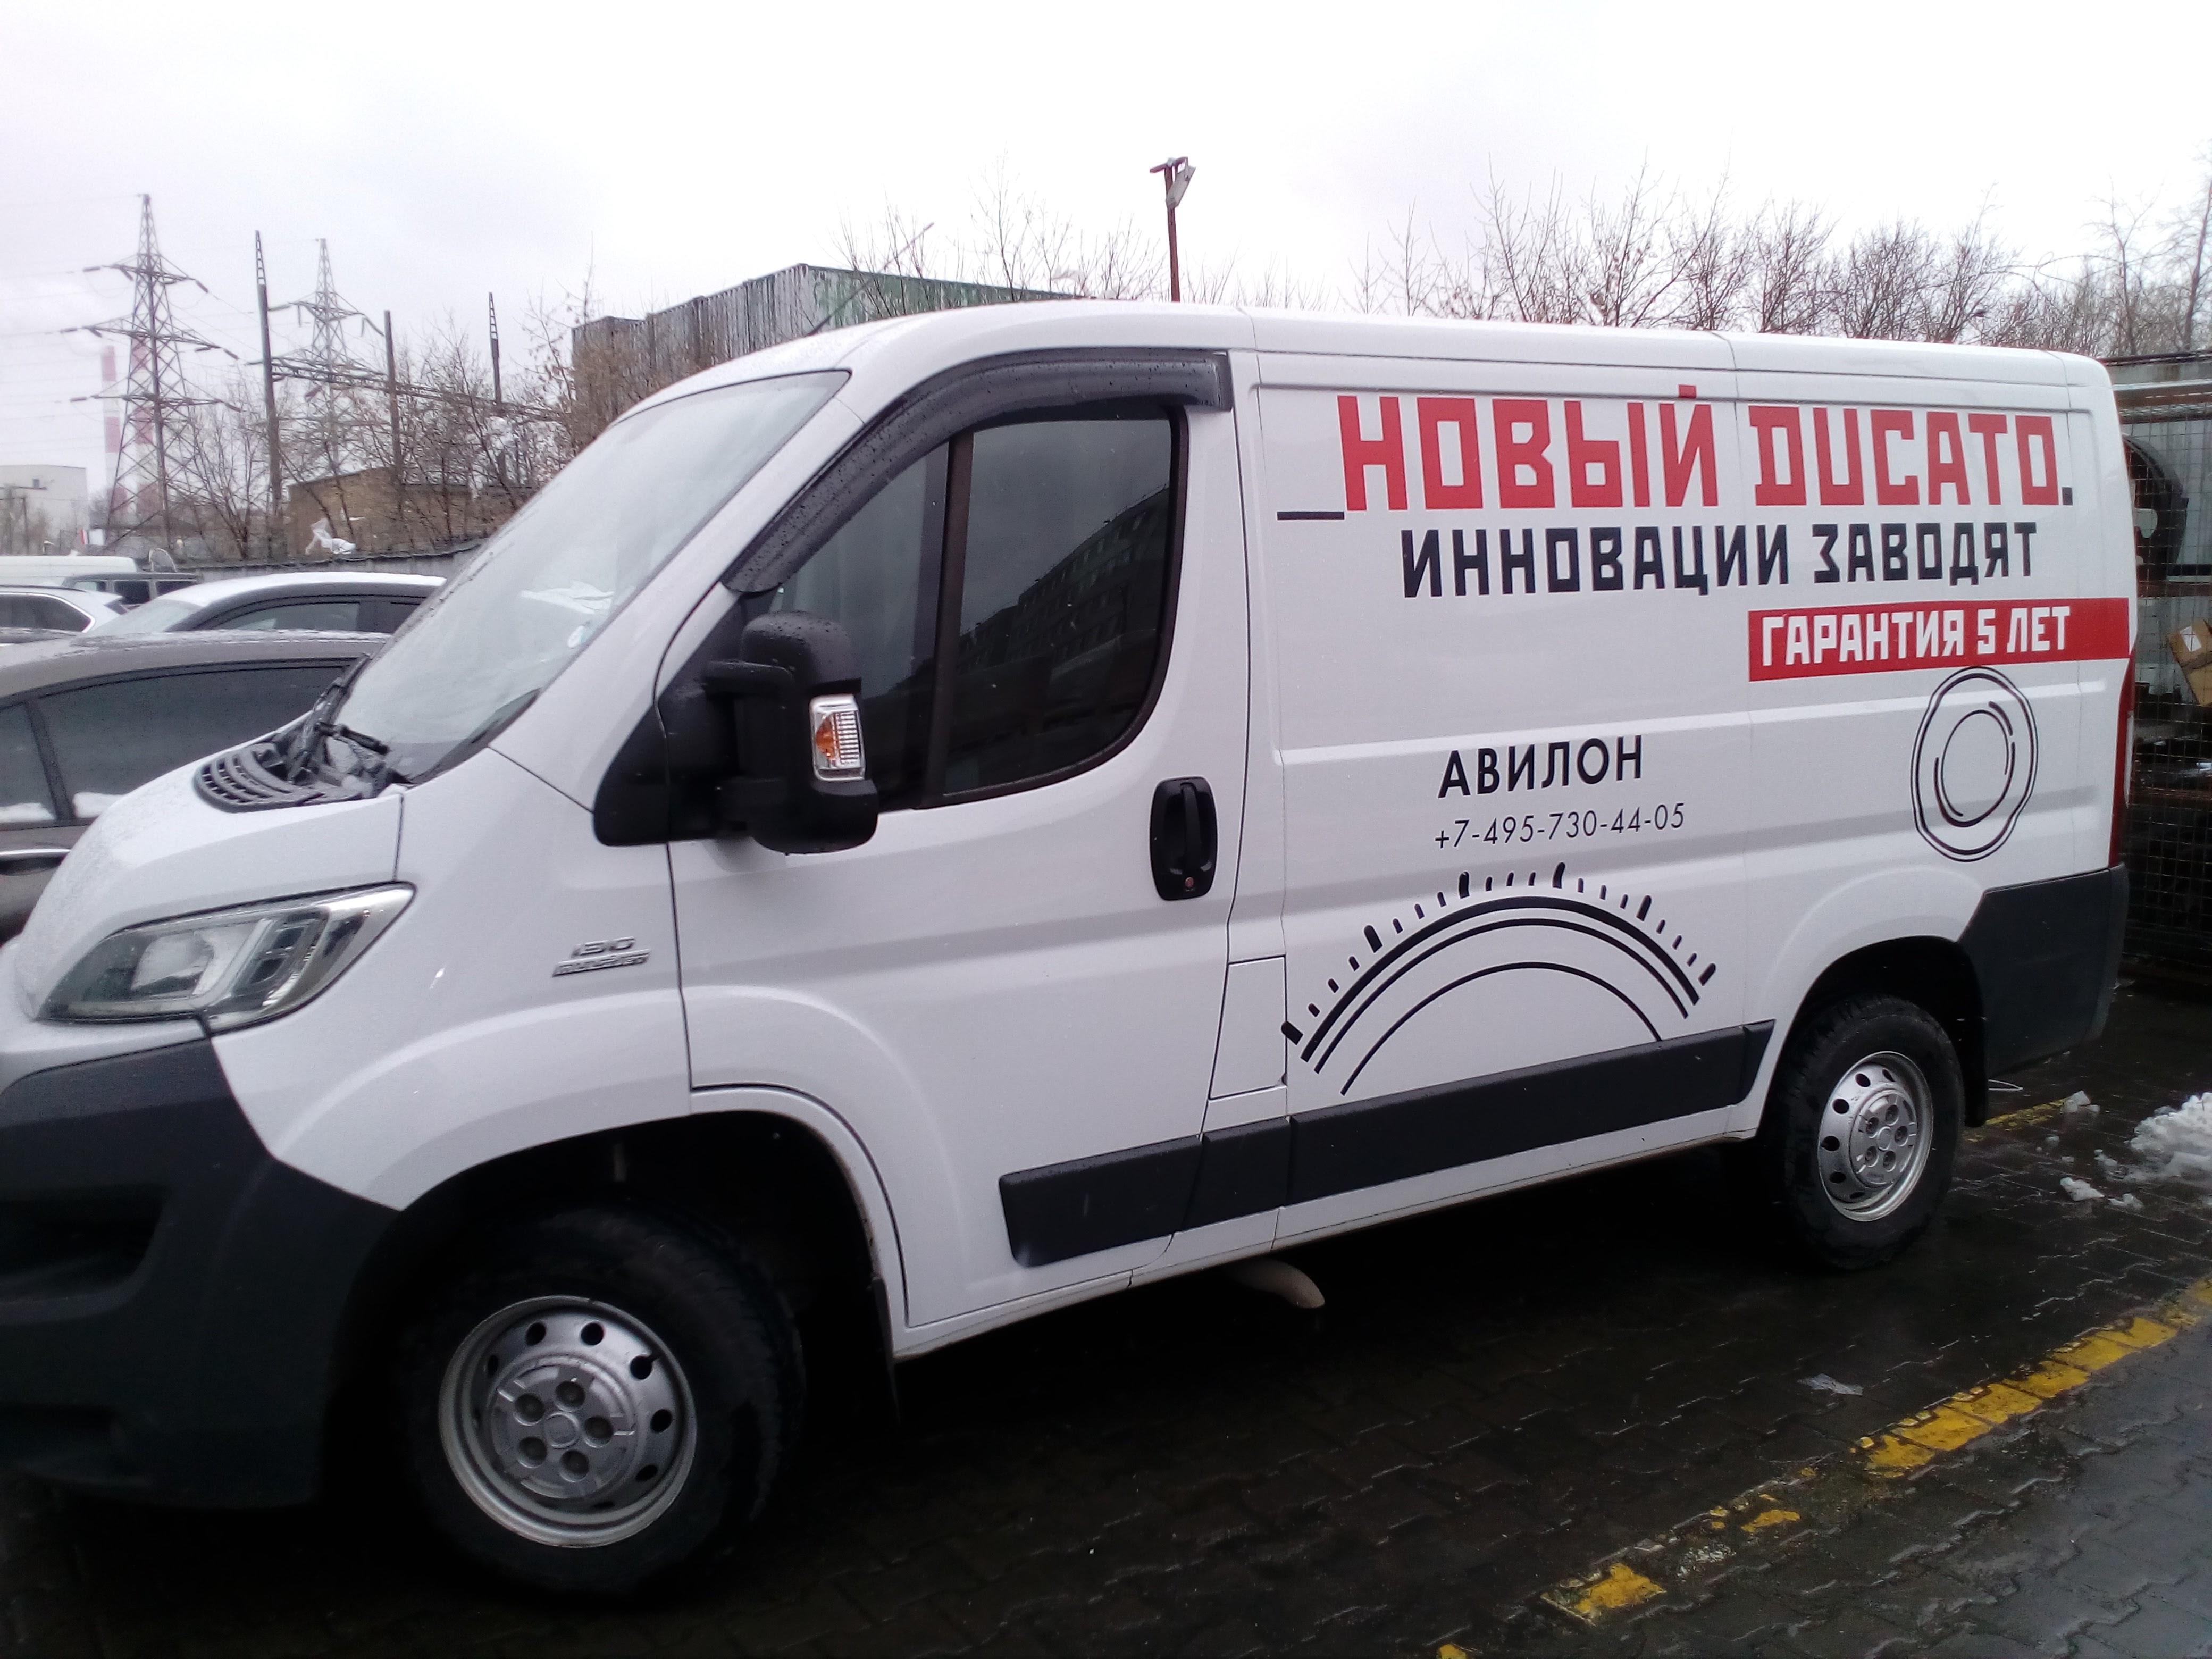 Брендирование фургона фиат дукато, оклеить рекламой